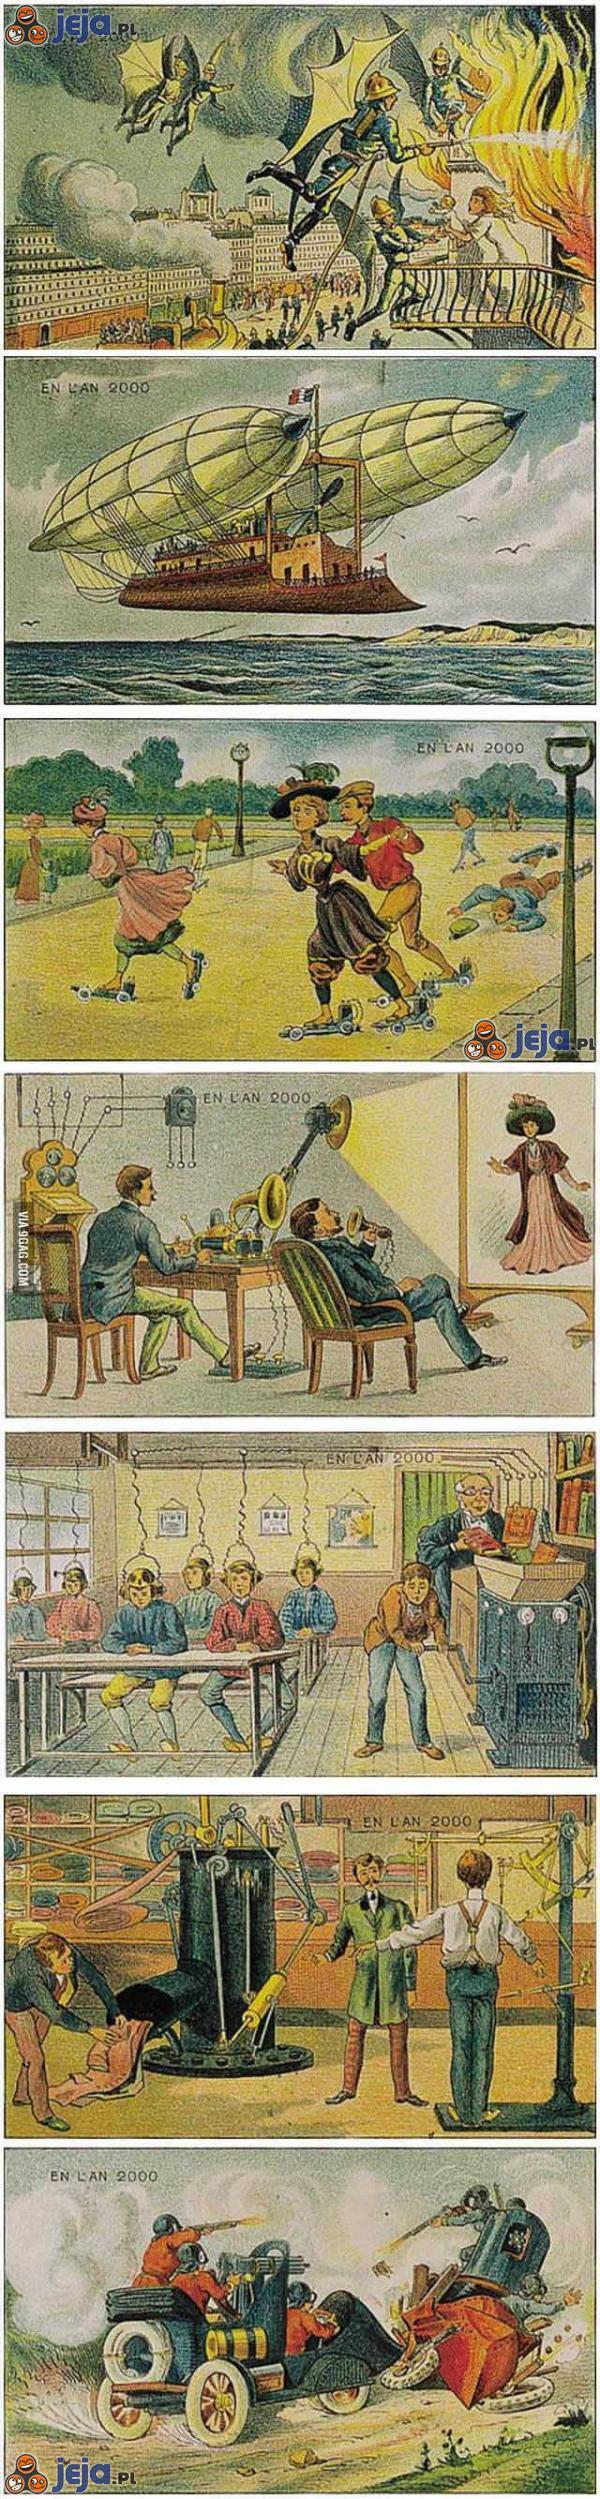 Jak rok 2000 wyobrażano sobie w roku 1910